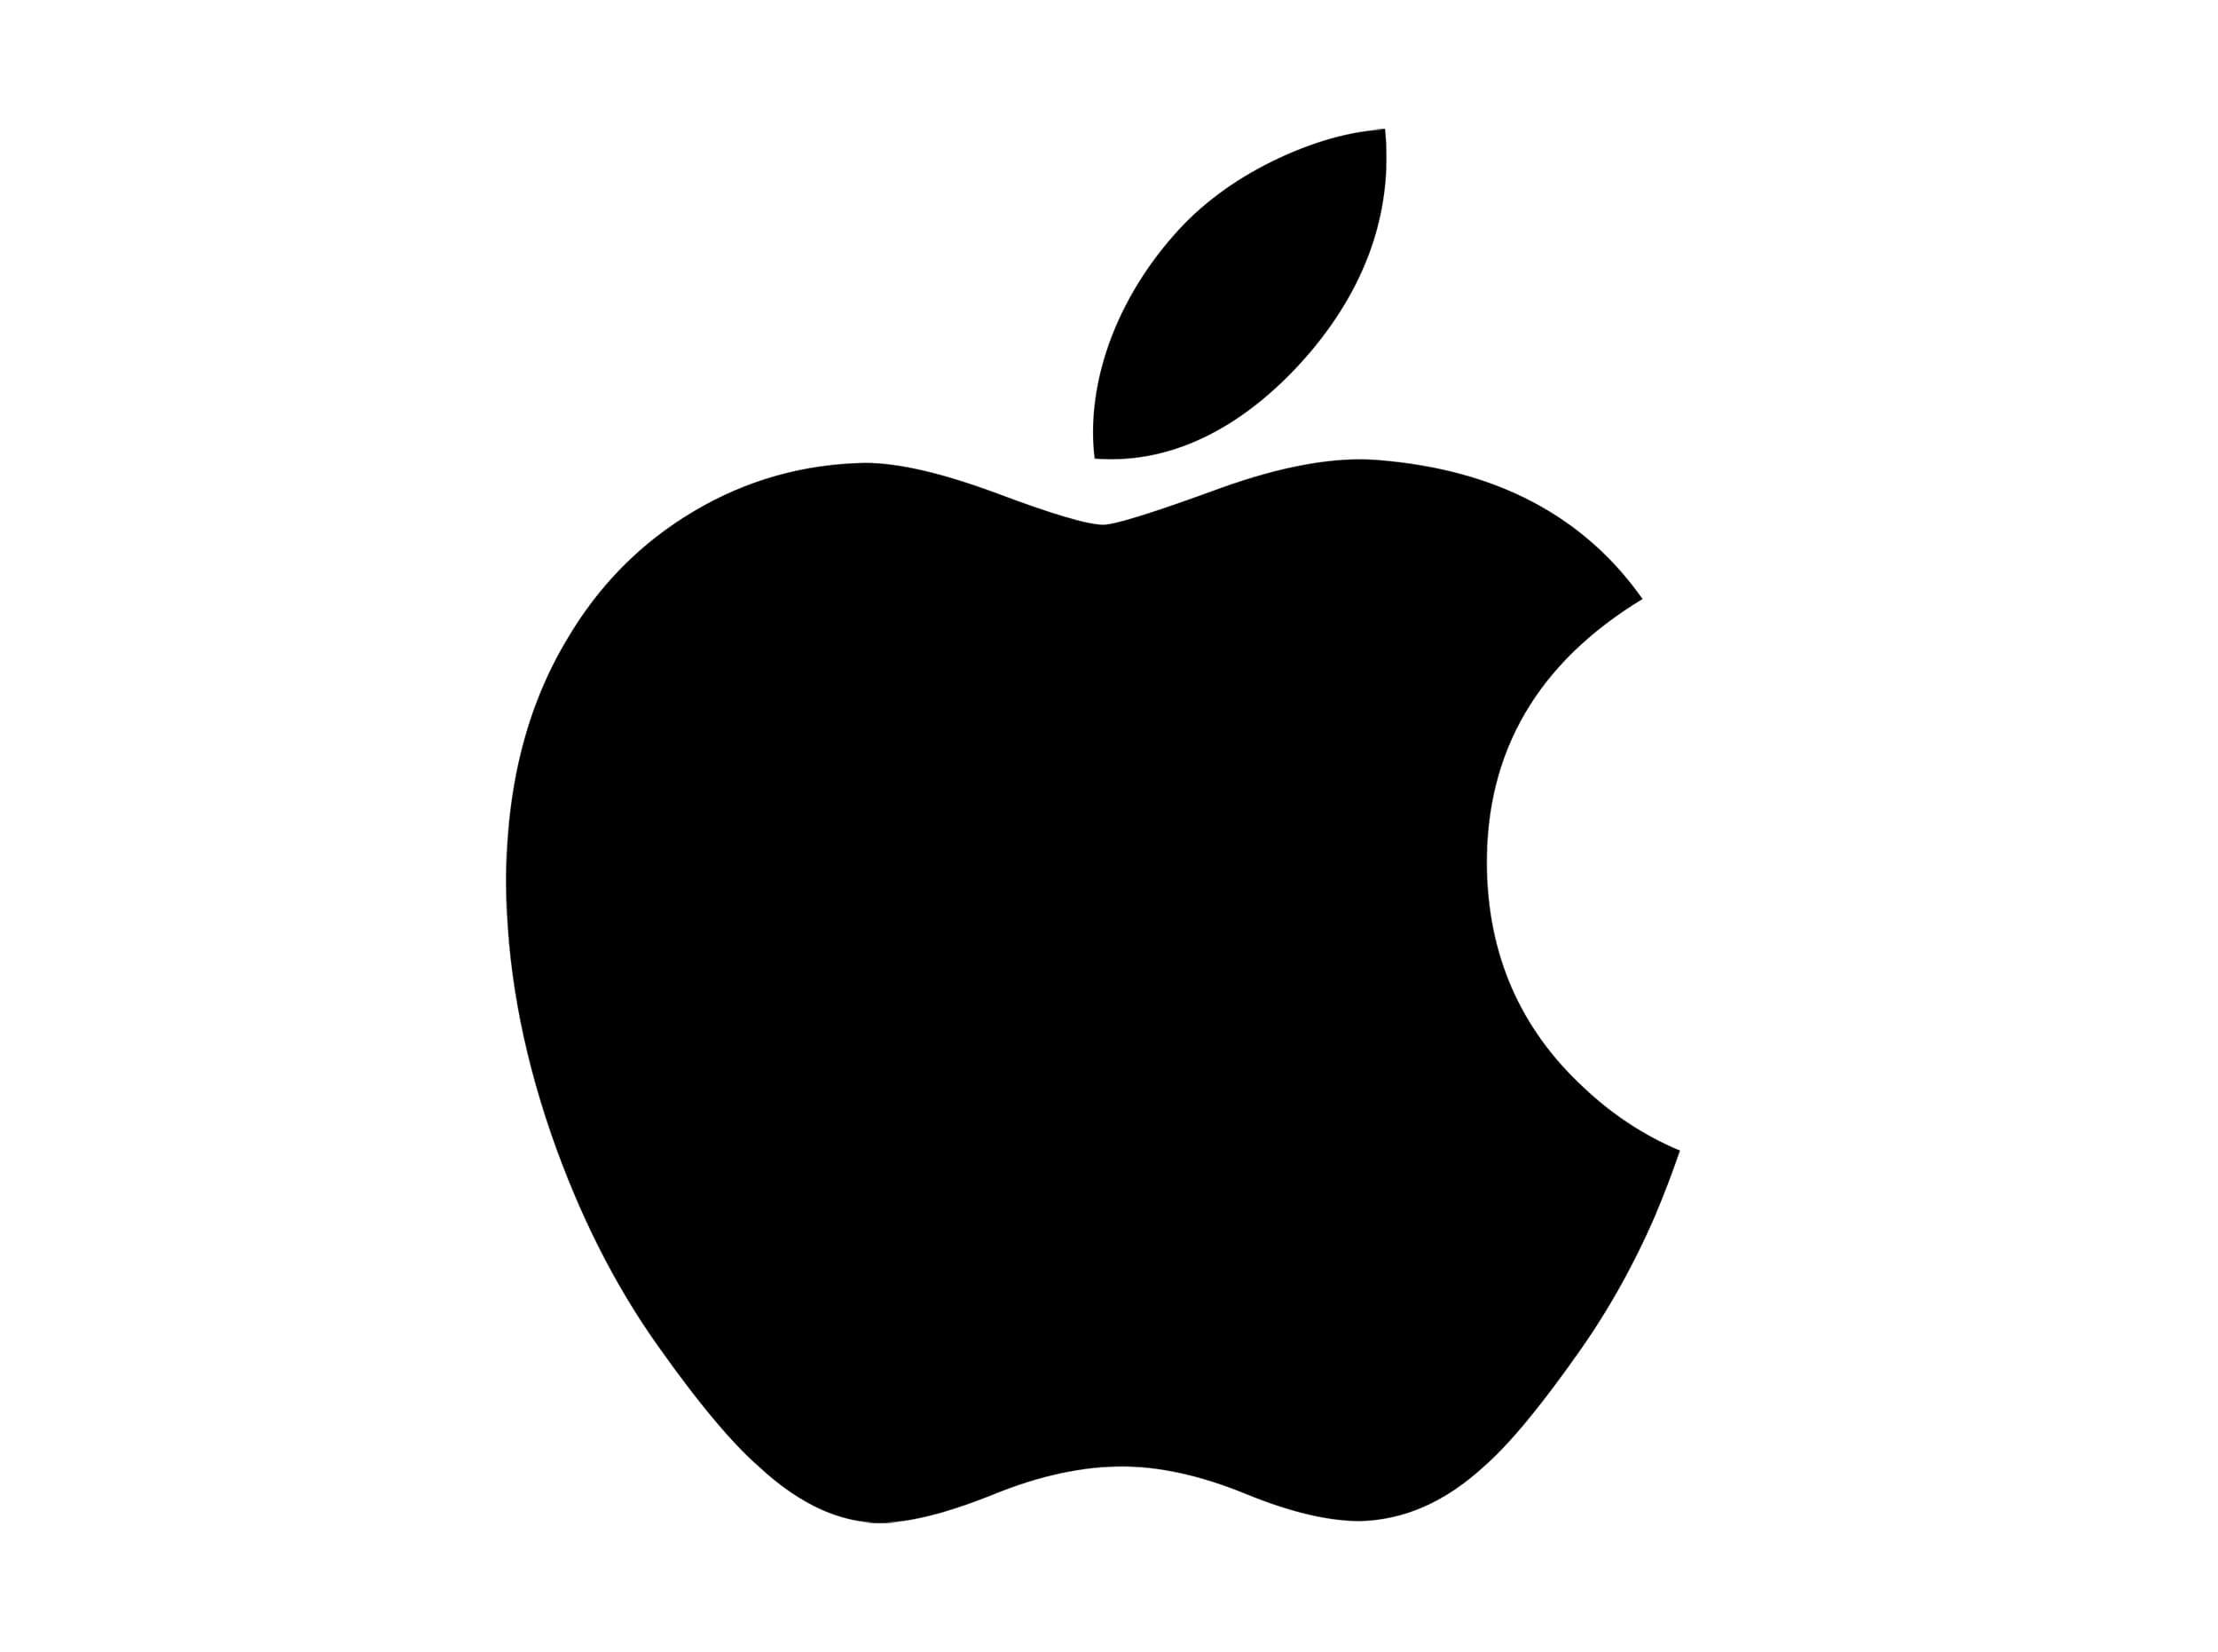 Logo de Apple: la historia y el significado del logotipo, la marca y el  símbolo. | png, vector